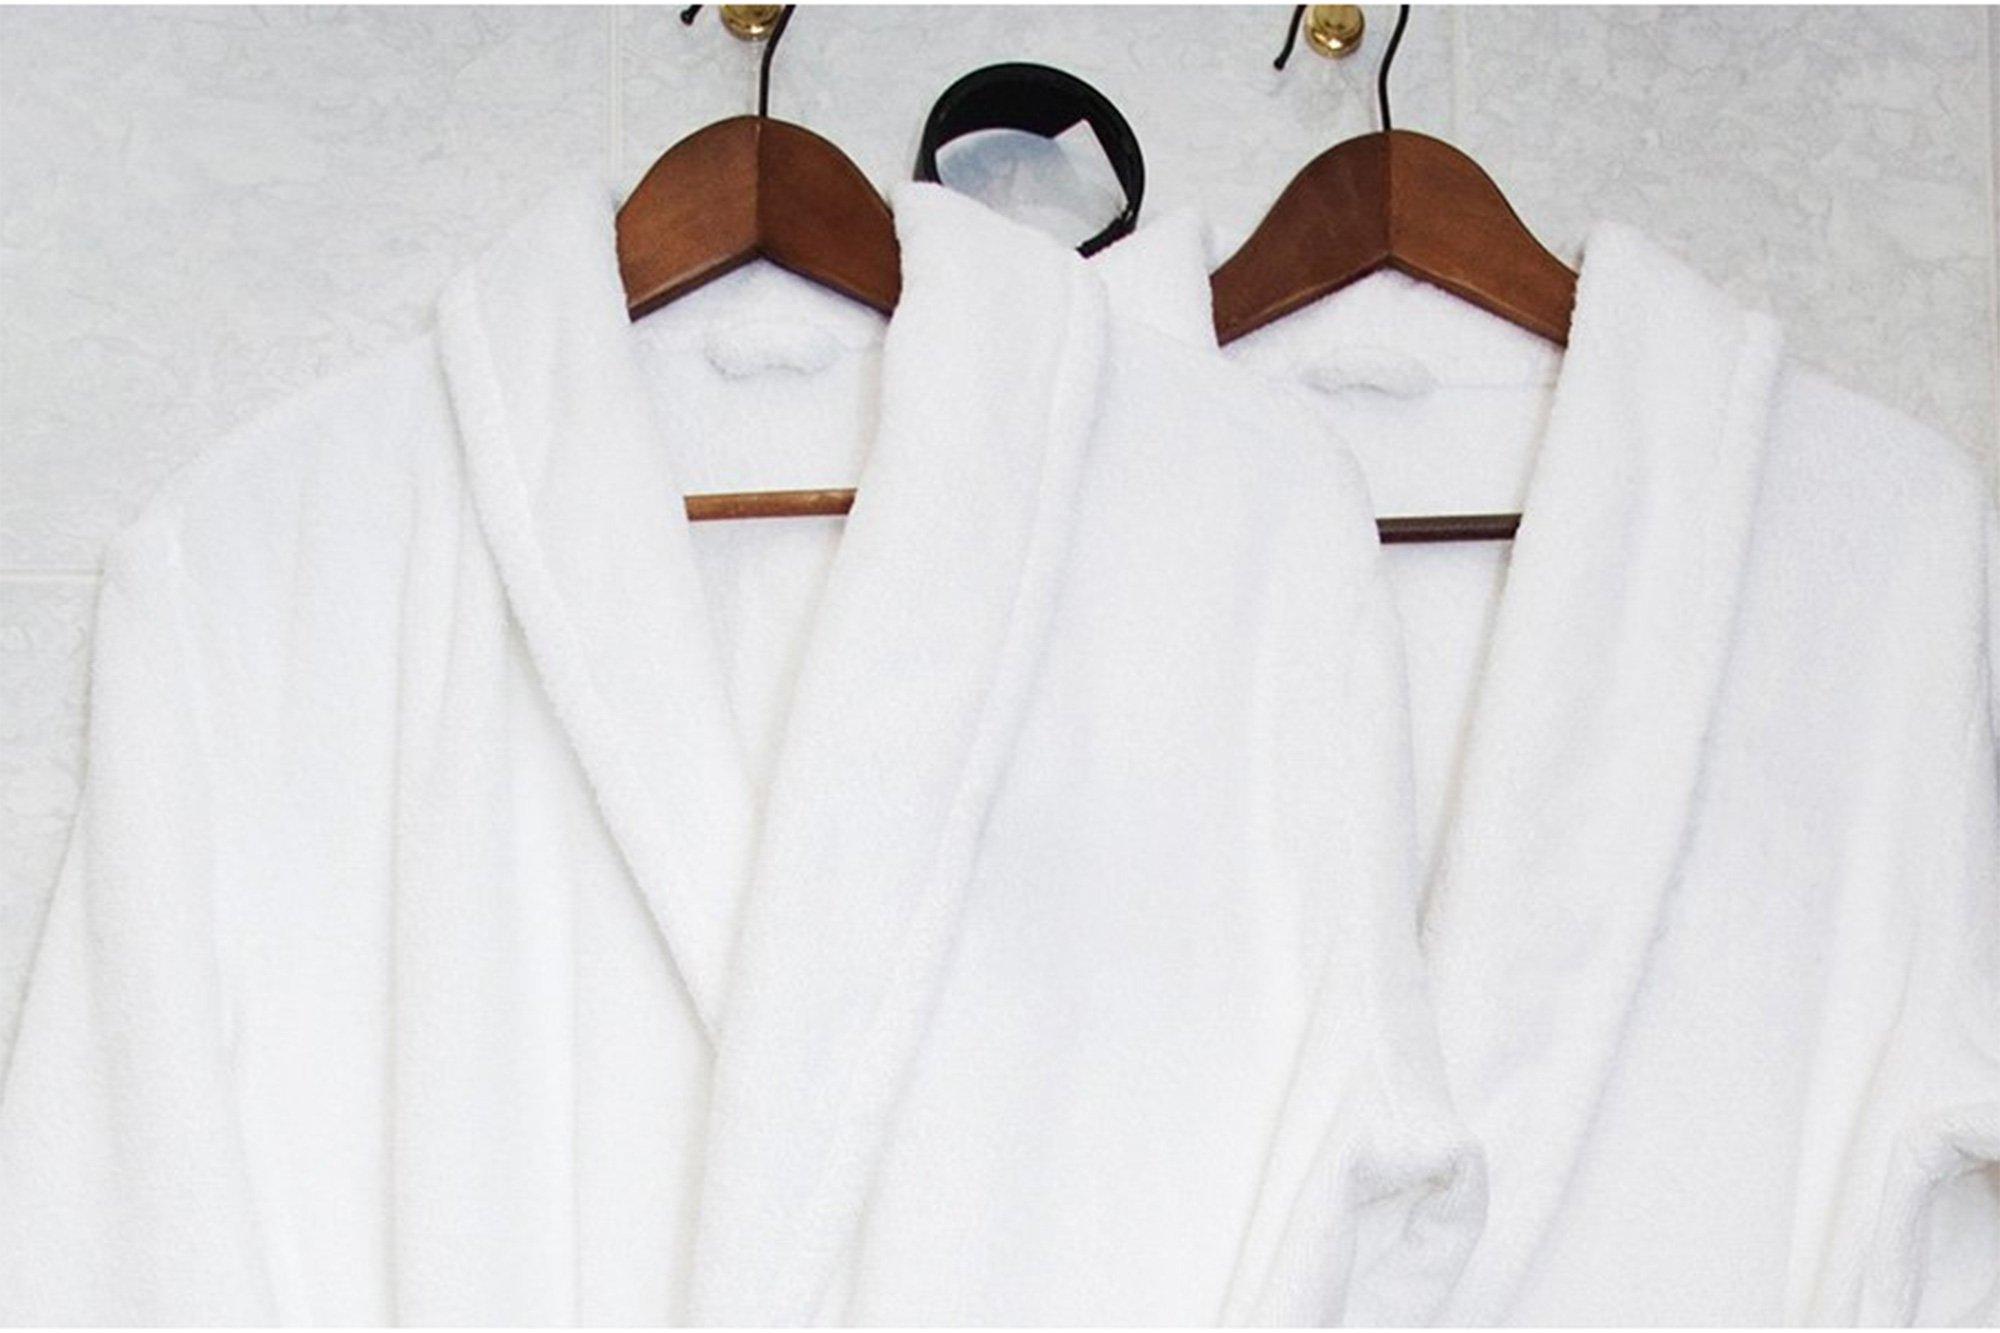 white robe hanging on bathroom door